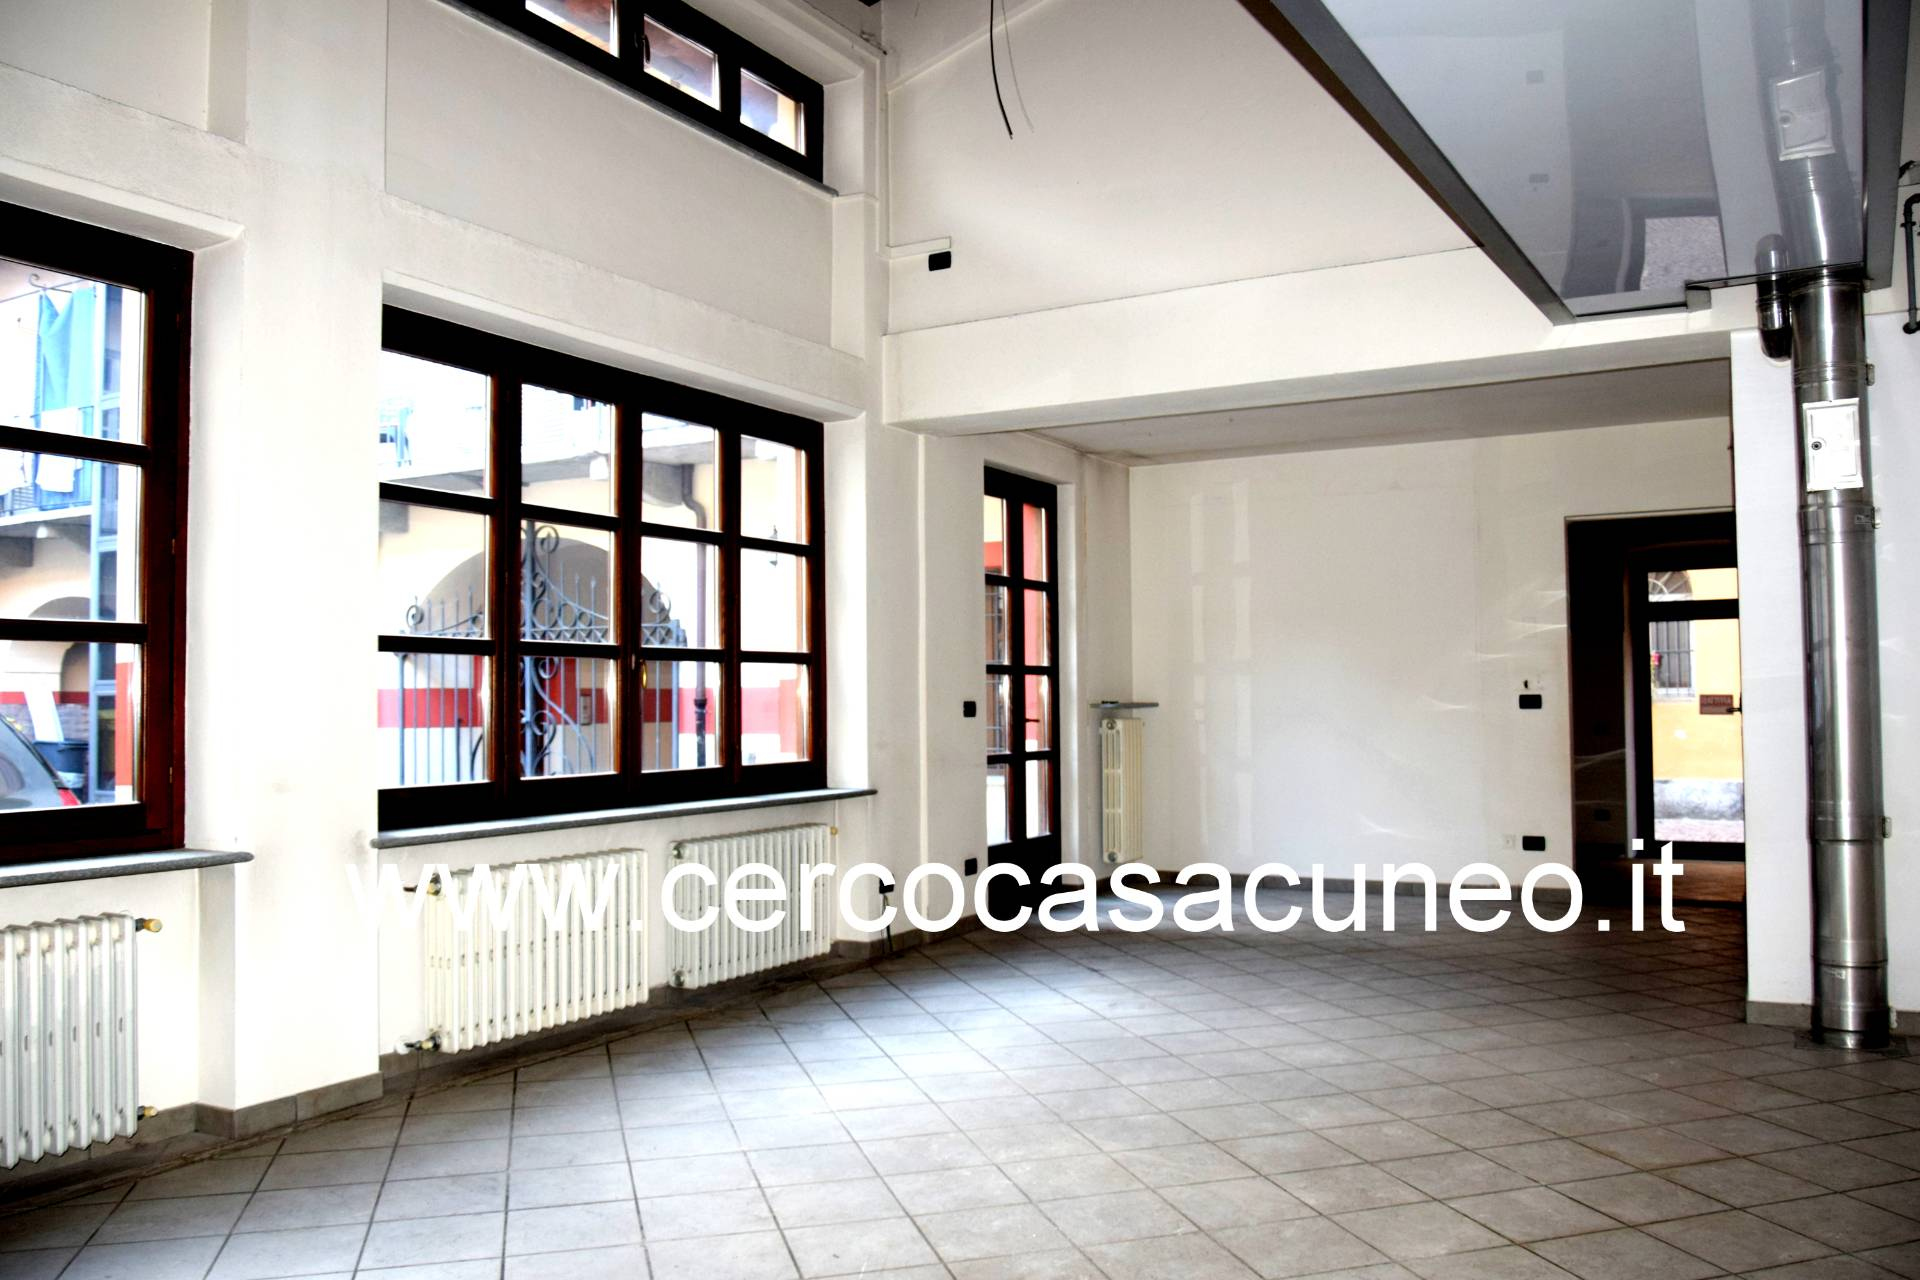 Negozio / Locale in affitto a Cuneo, 9999 locali, zona Località: Centrostorico, prezzo € 1.000 | CambioCasa.it